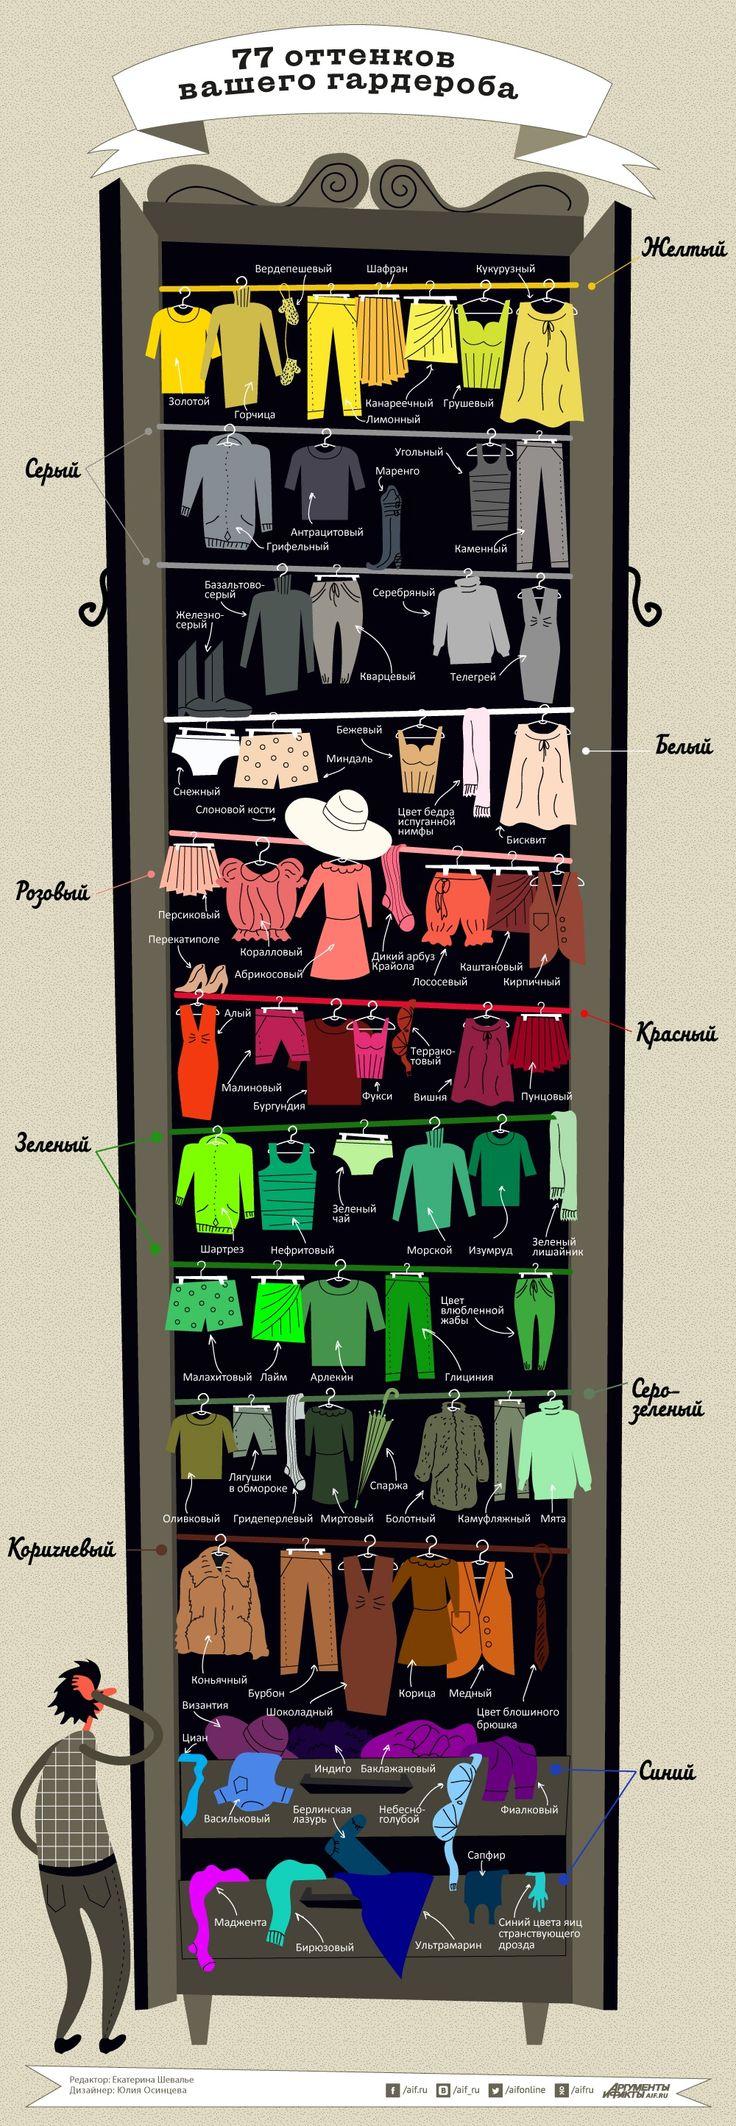 77 оттенков вашего гардероба. Инфографика | Инфографика | Вопрос-Ответ | Аргументы и Факты